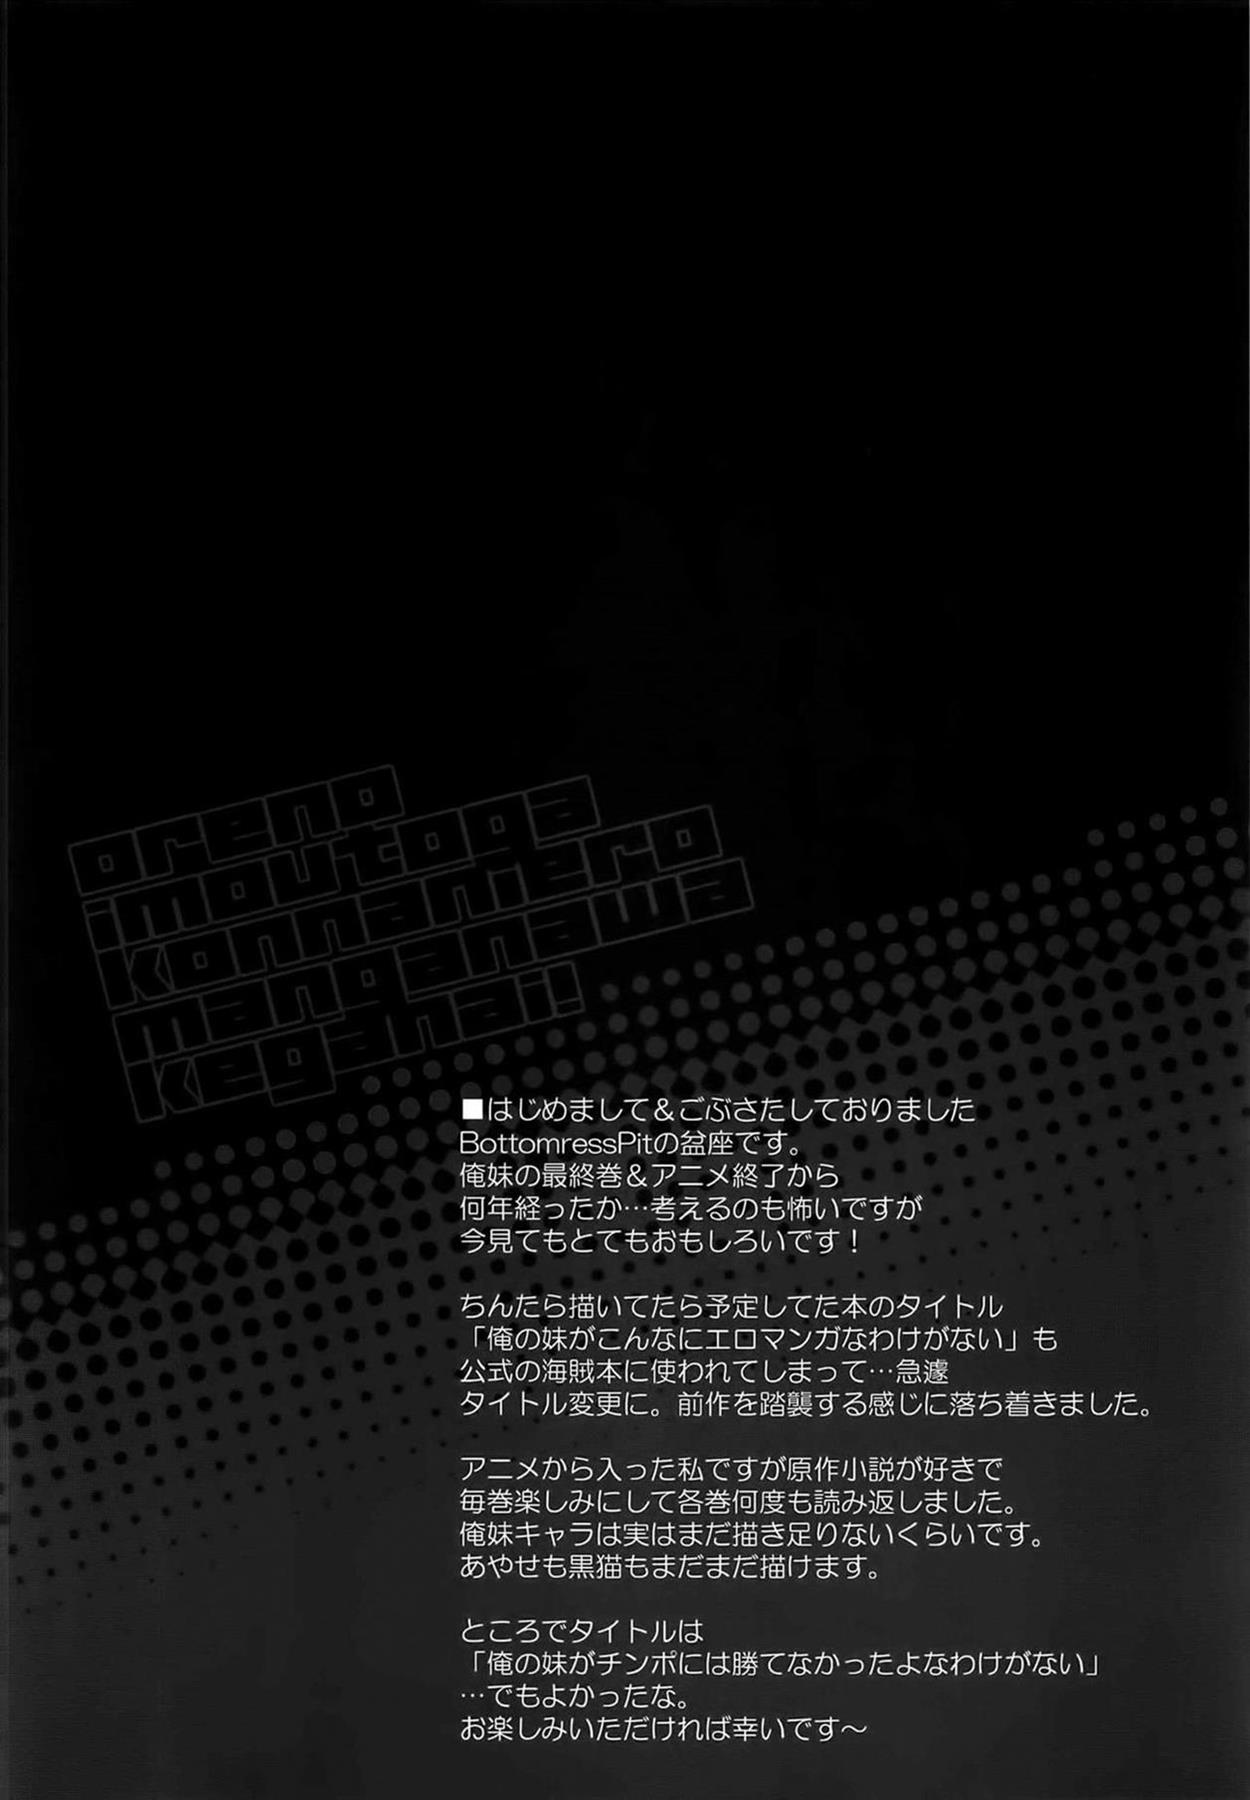 あやせと黒猫のコスプレぶっかけ撮影会と高坂兄妹のアナルセックスからの妹メス奴隷wwwwww【俺妹 エロ漫画・同人誌】 (6)